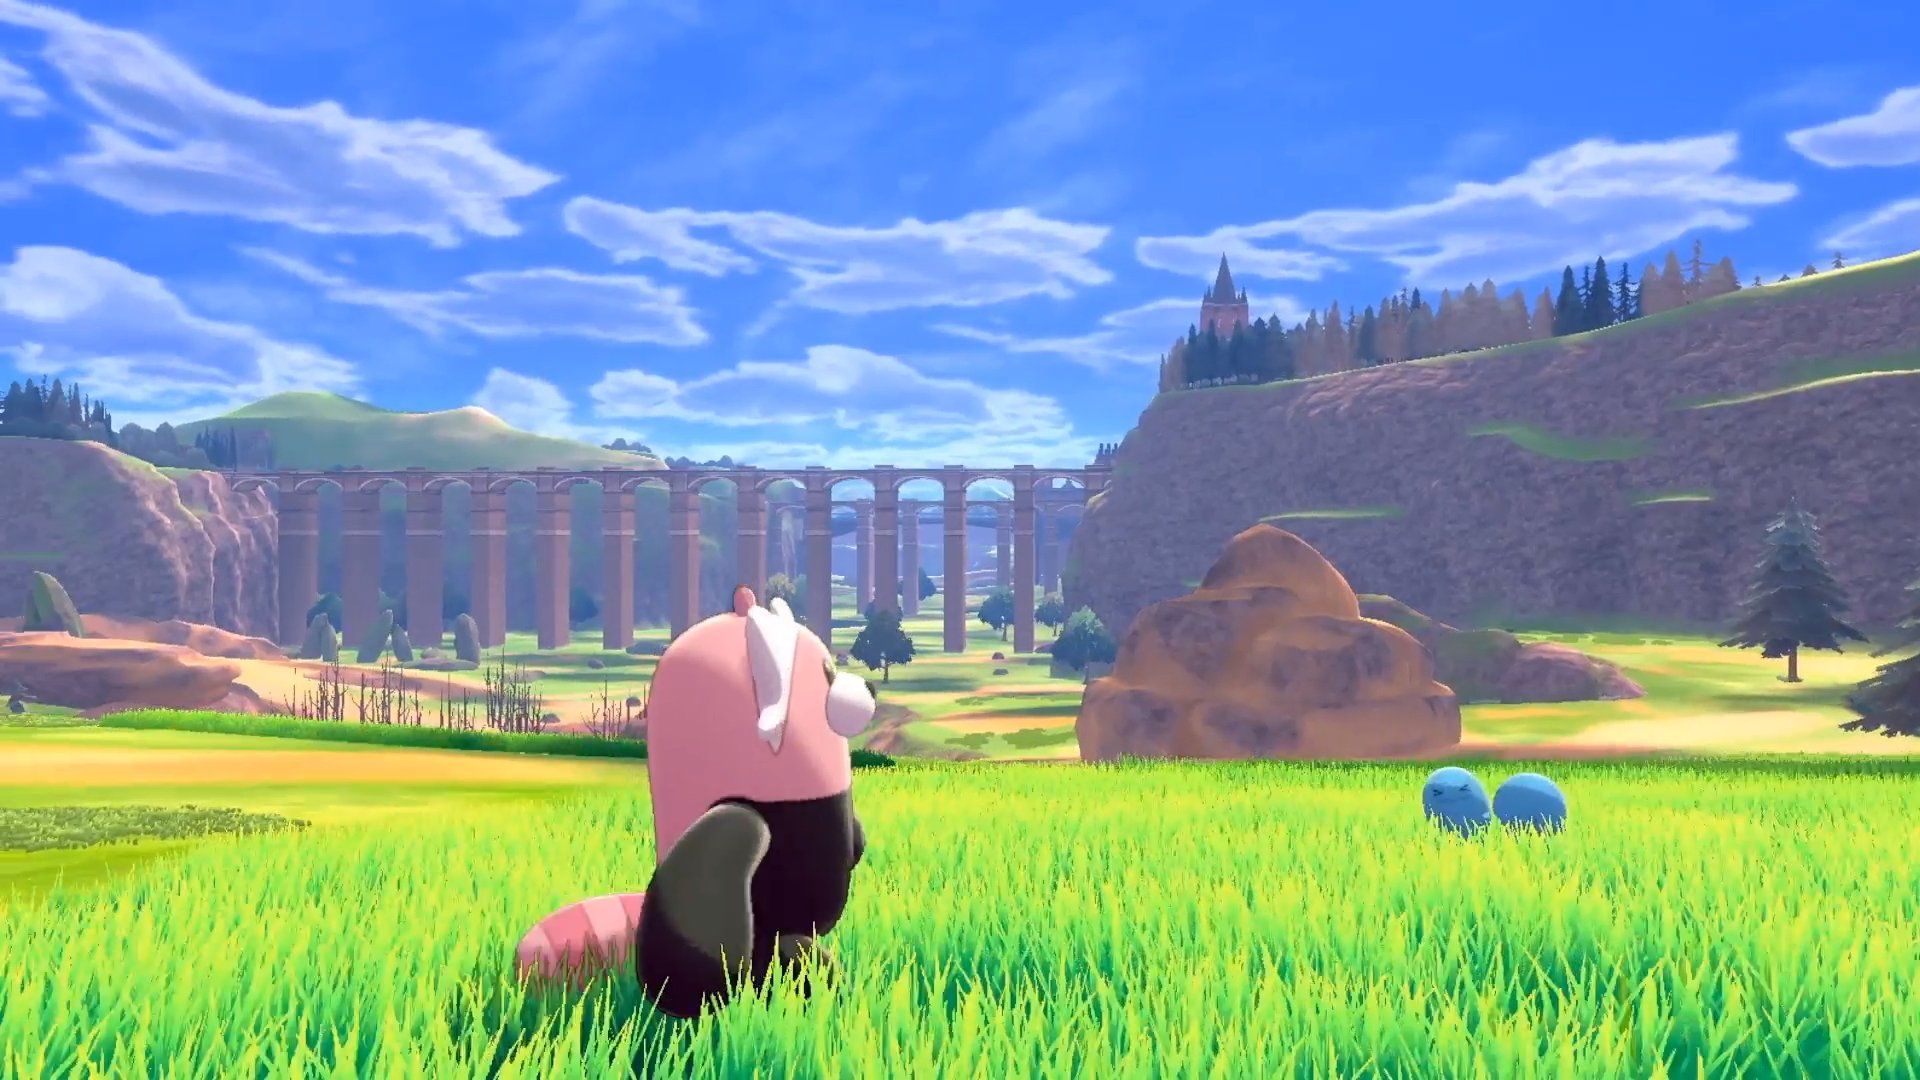 Pokémon et son univers [Nintendo] - Page 3 Pok%C3%A9mon-%C3%89p%C3%A9e-et-Bouclier-32